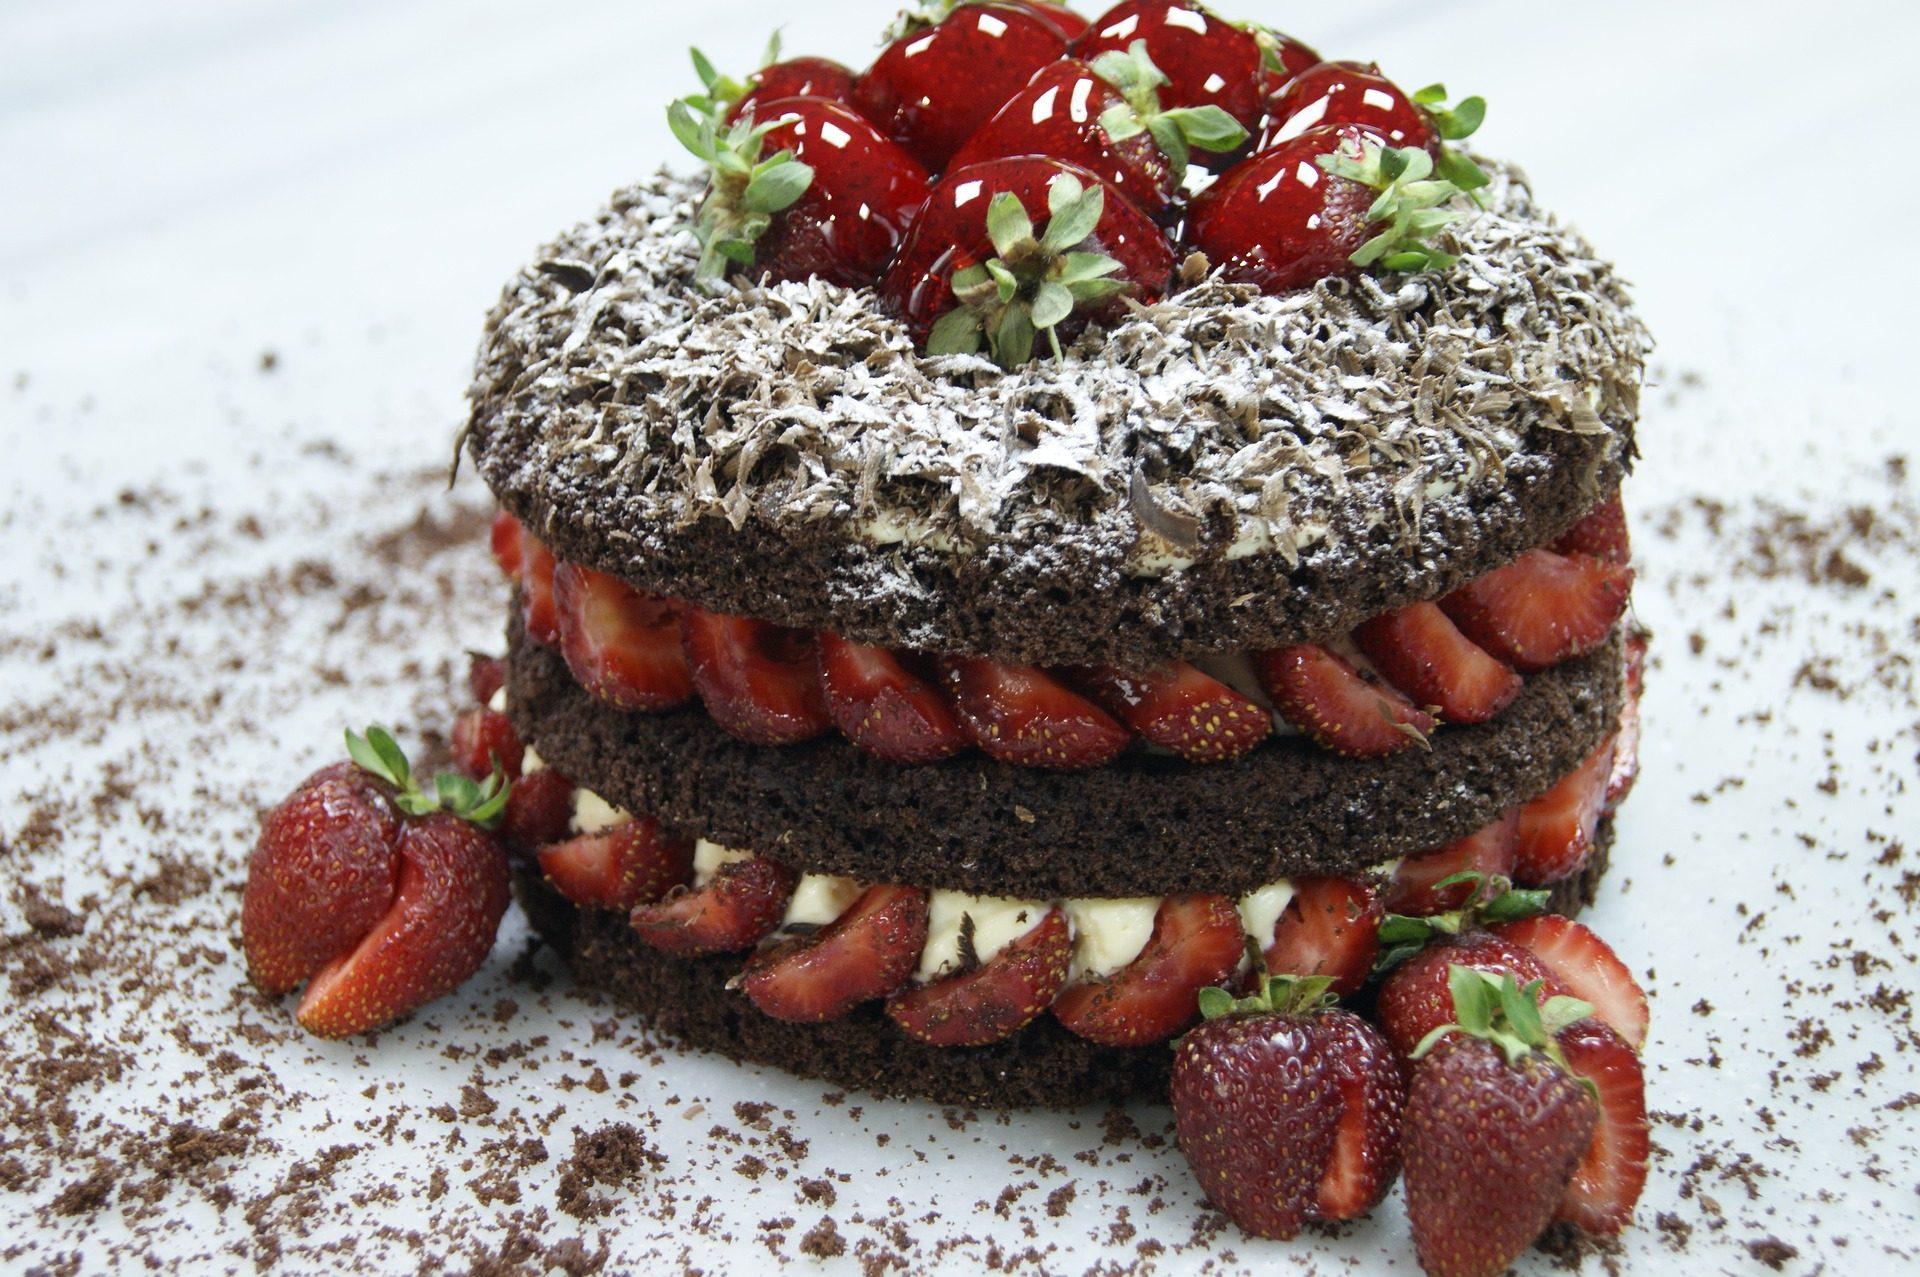 tarta, كعكة, الفراولة, الشوكولاته, لذيذة, حلوة - خلفيات عالية الدقة - أستاذ falken.com